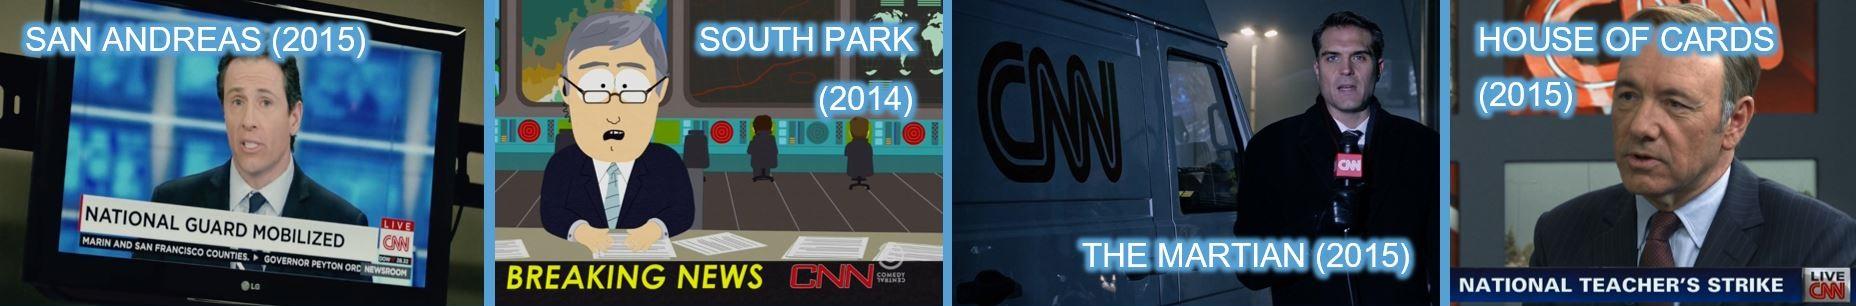 cnn tv channle in season 4 house of cards